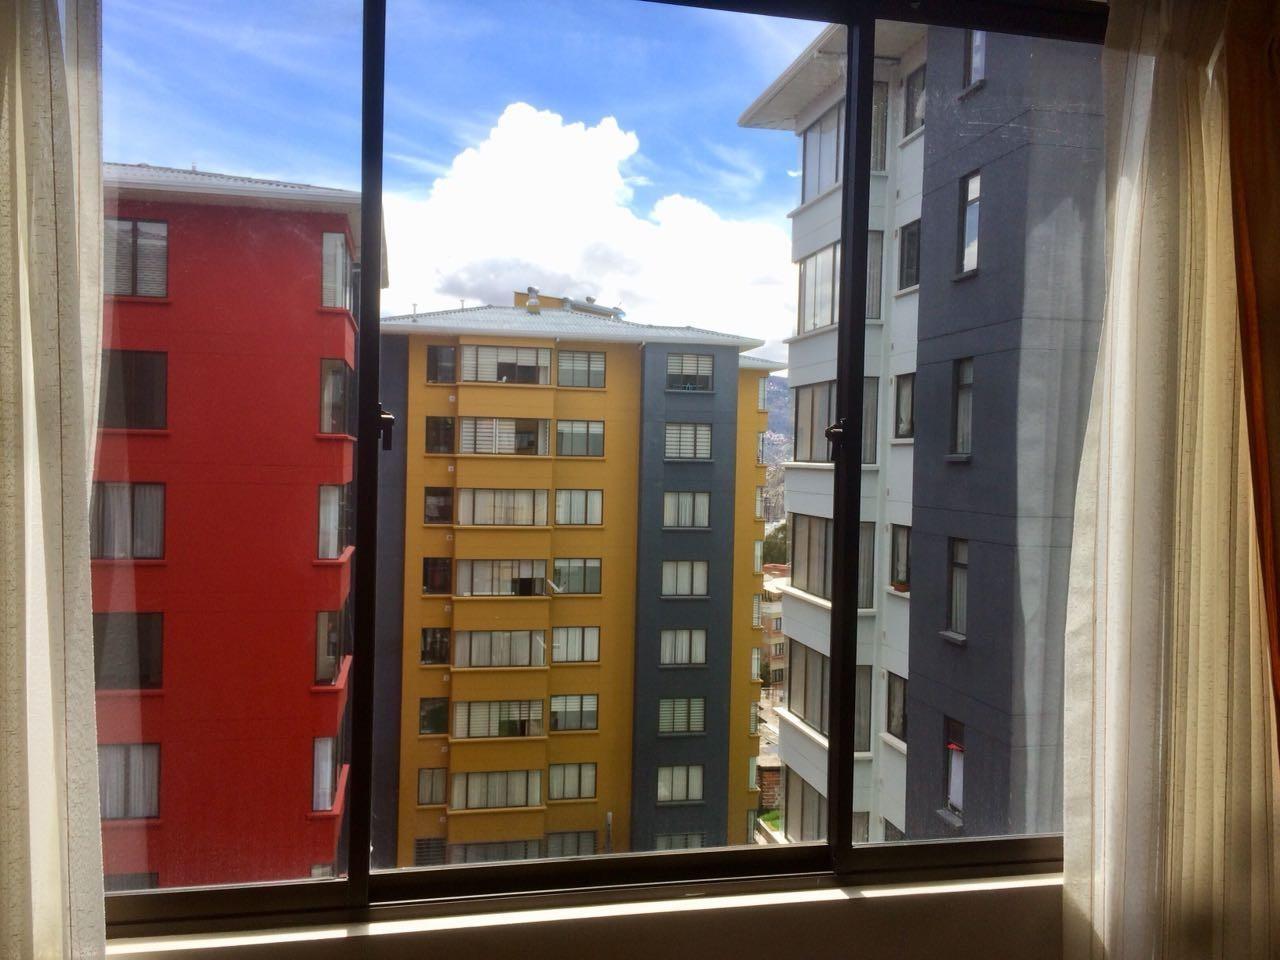 Departamento en Alquiler * HERMOSO DEPARTAMENTO EN LOS NUEVOS PINOS* Foto 2